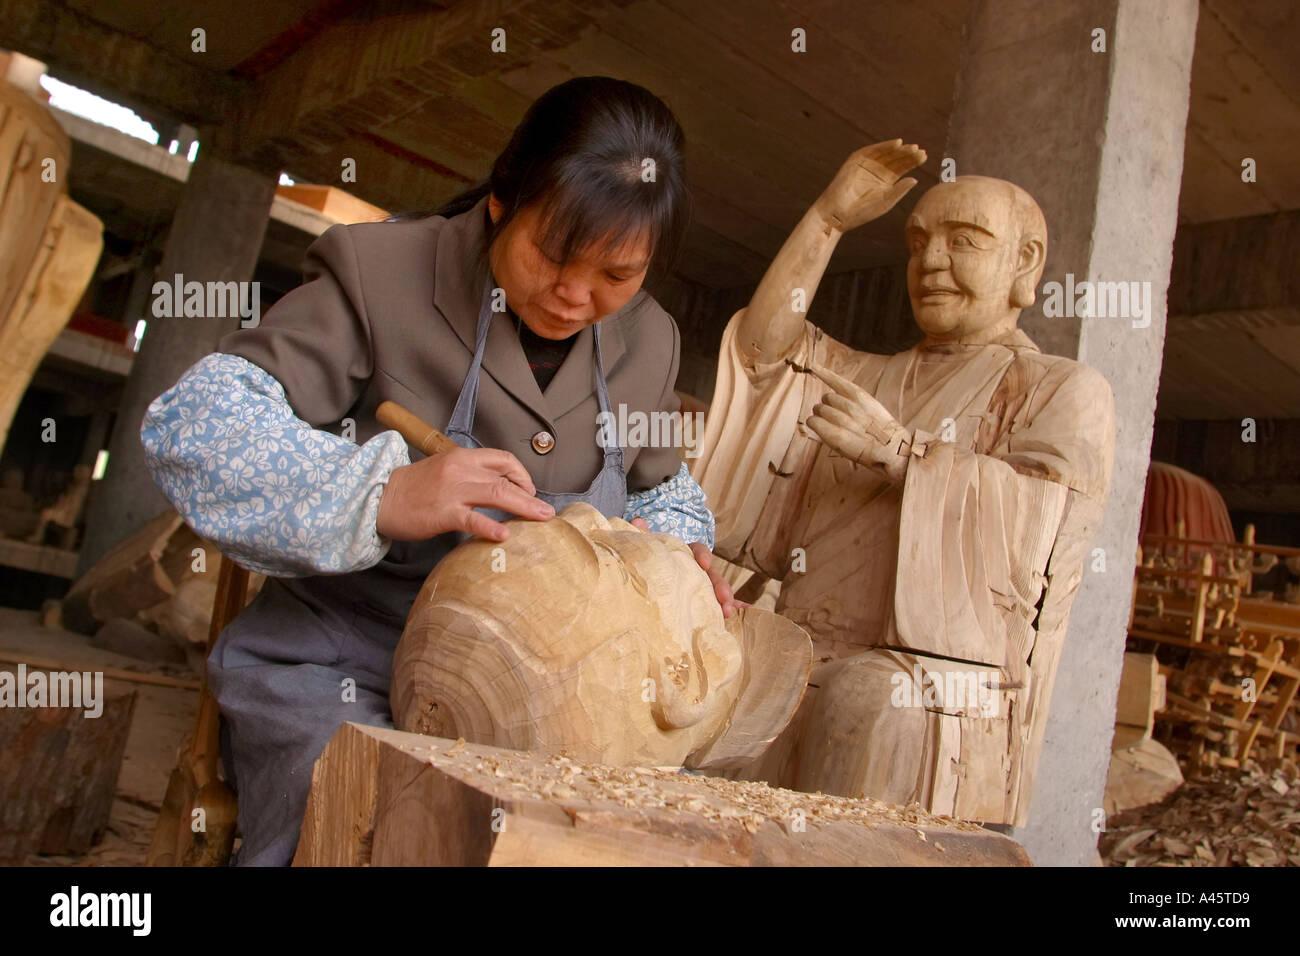 eafbd35849c Una mujer trabajadora que se atribuían una cabeza de madera en la ciudad  budista una fábrica de estatuas religiosas en China tiantai